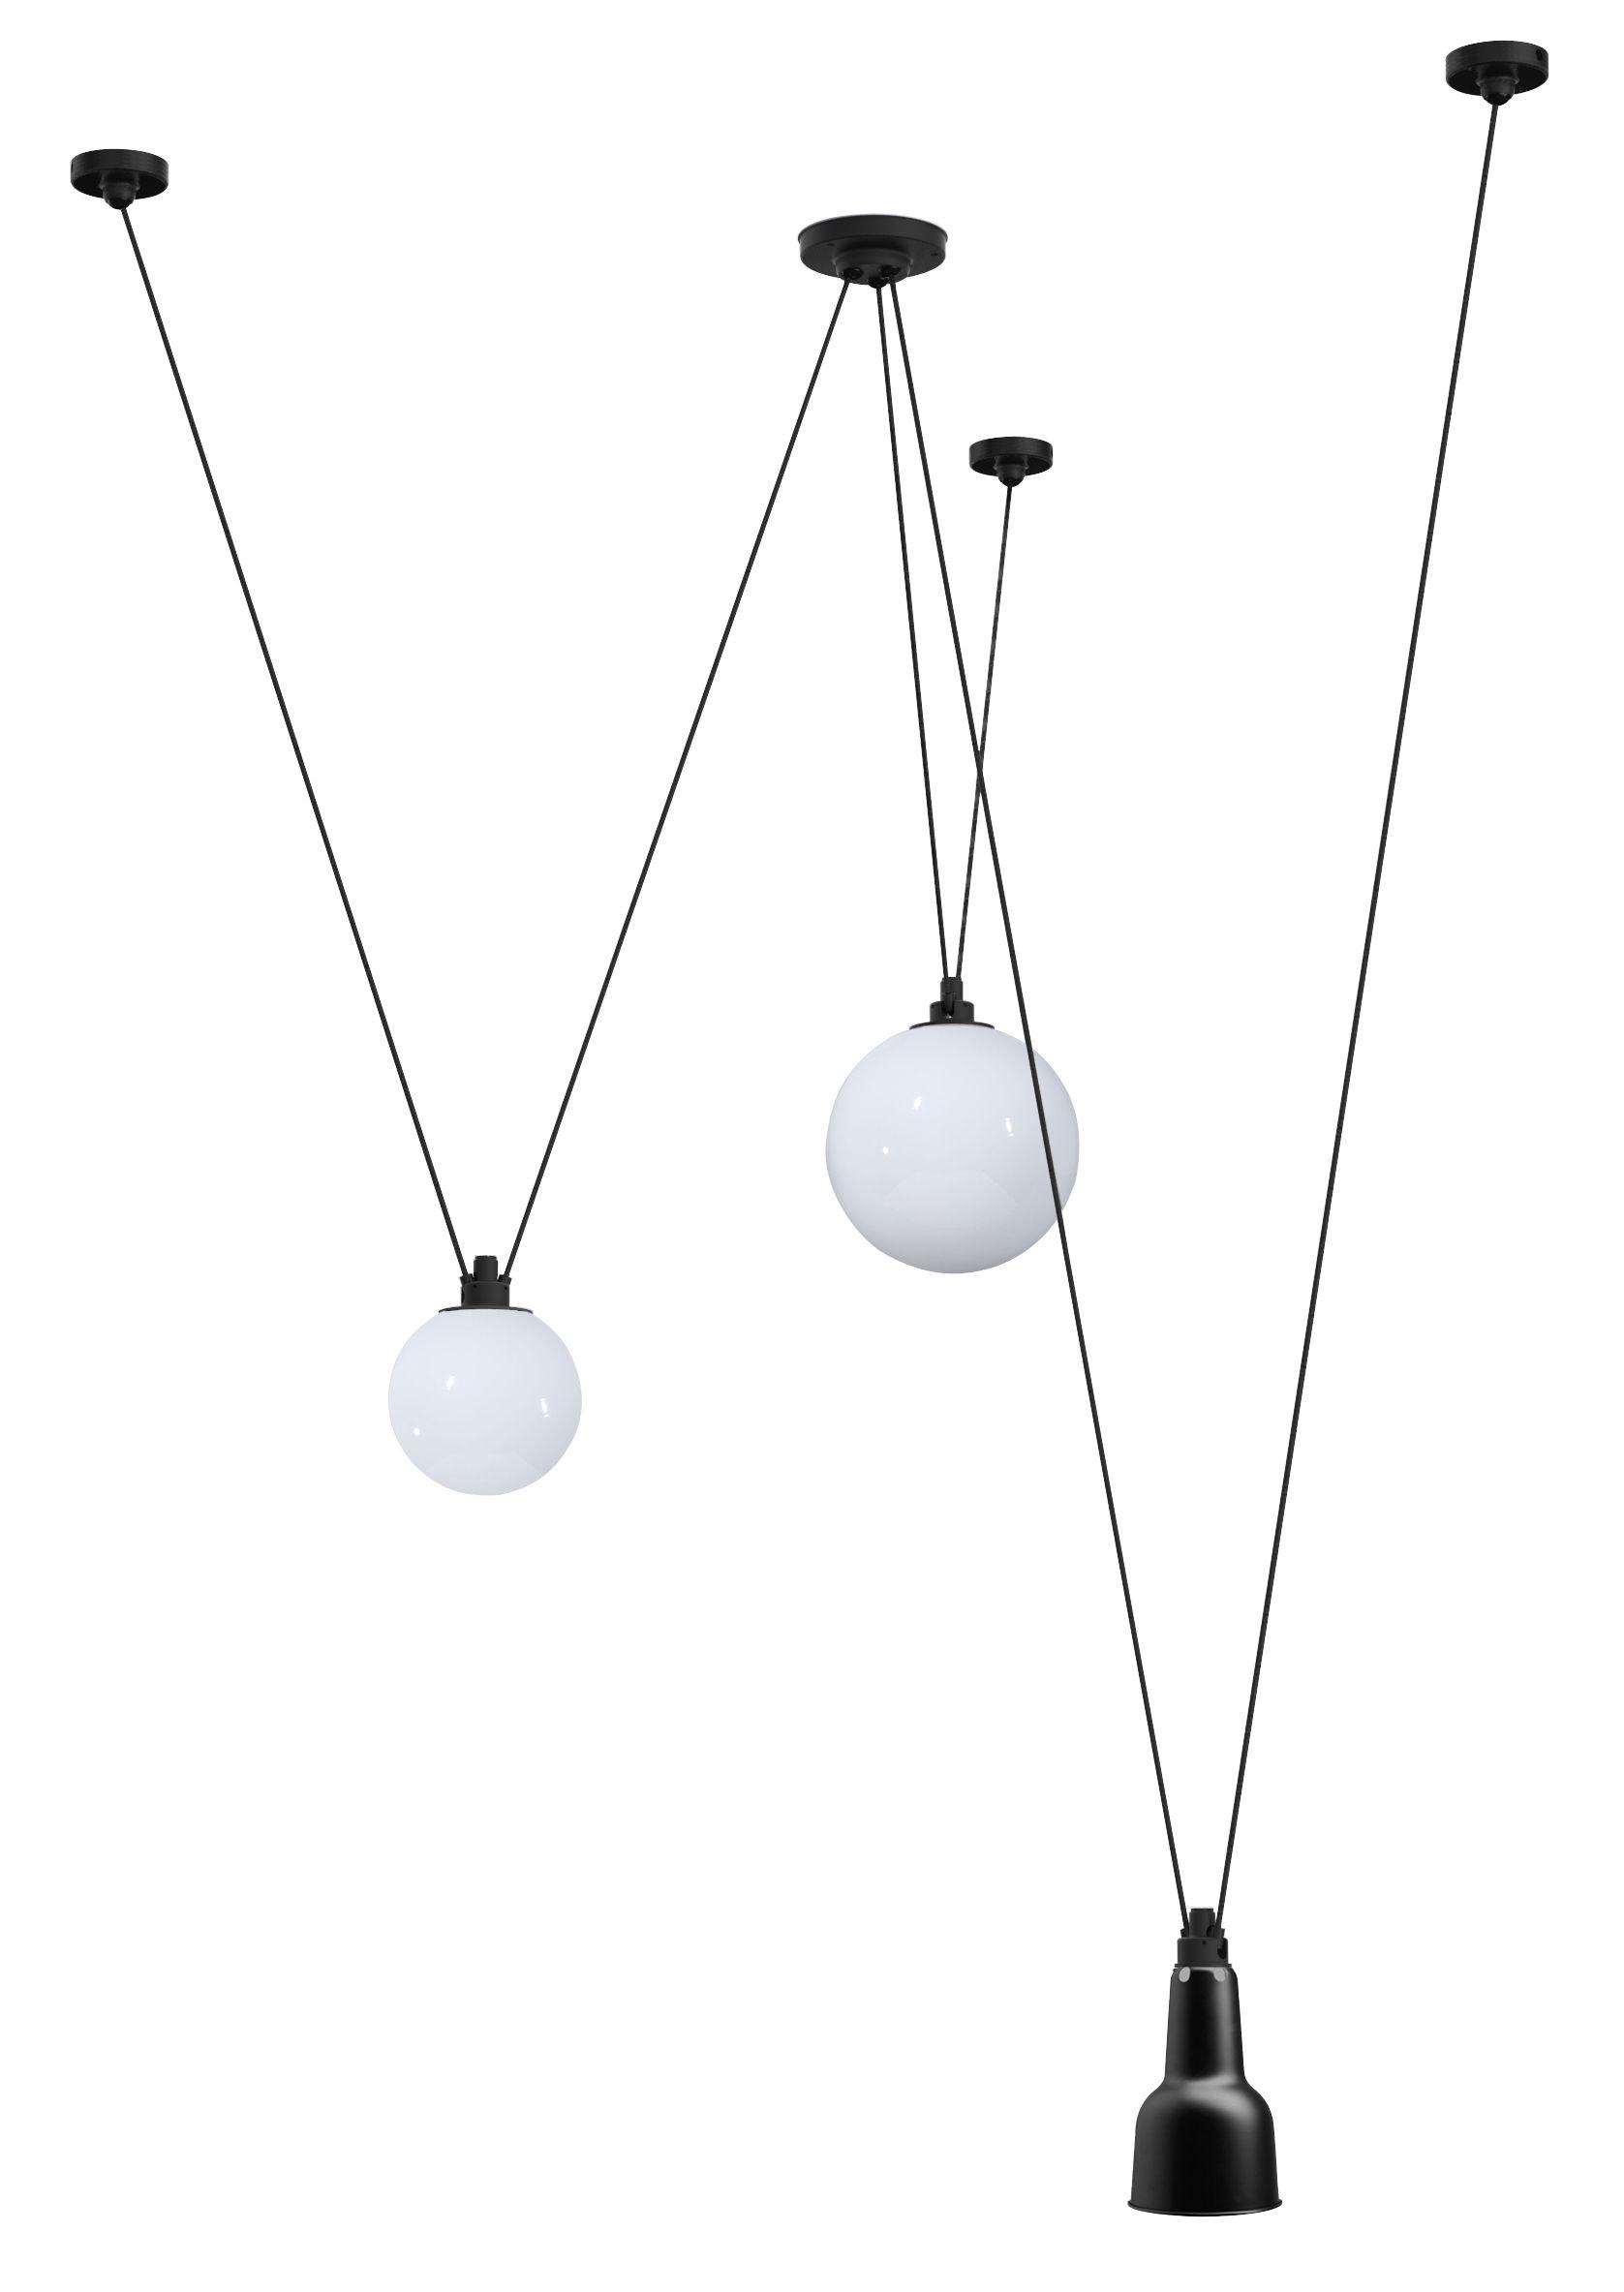 Illuminazione - Lampadari - Sospensione Acrobate N°325 / Lampade Gras - 3 paralumi vetro & metallo - DCW edizioni - Nero / Vetro Bianco - Acciaio verniciato, Vetro